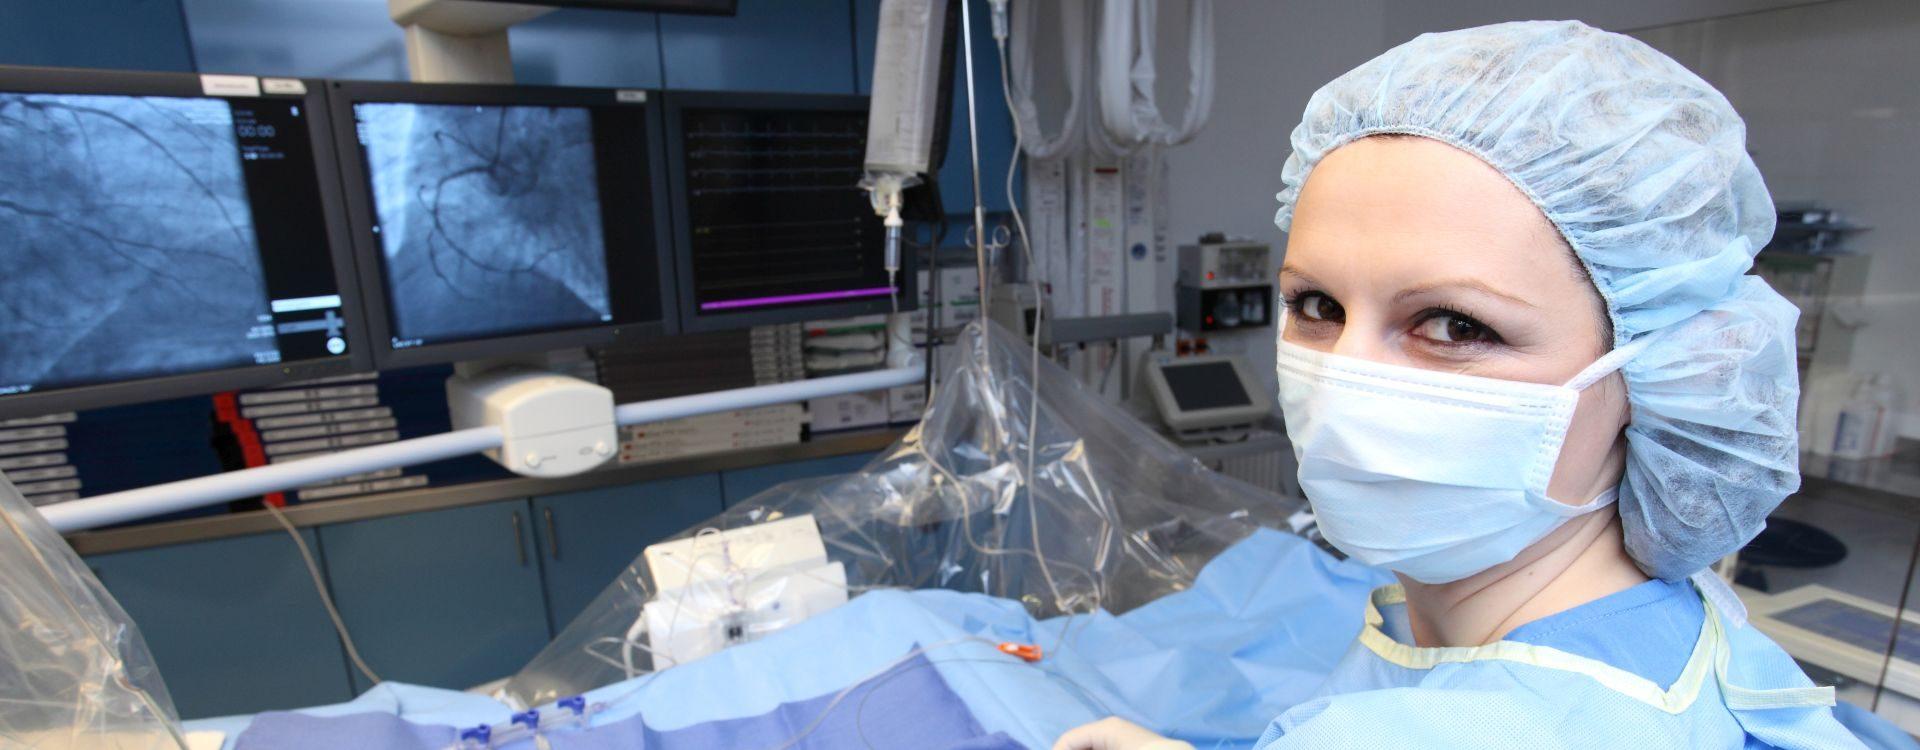 Kardiovaskuläre Medizin